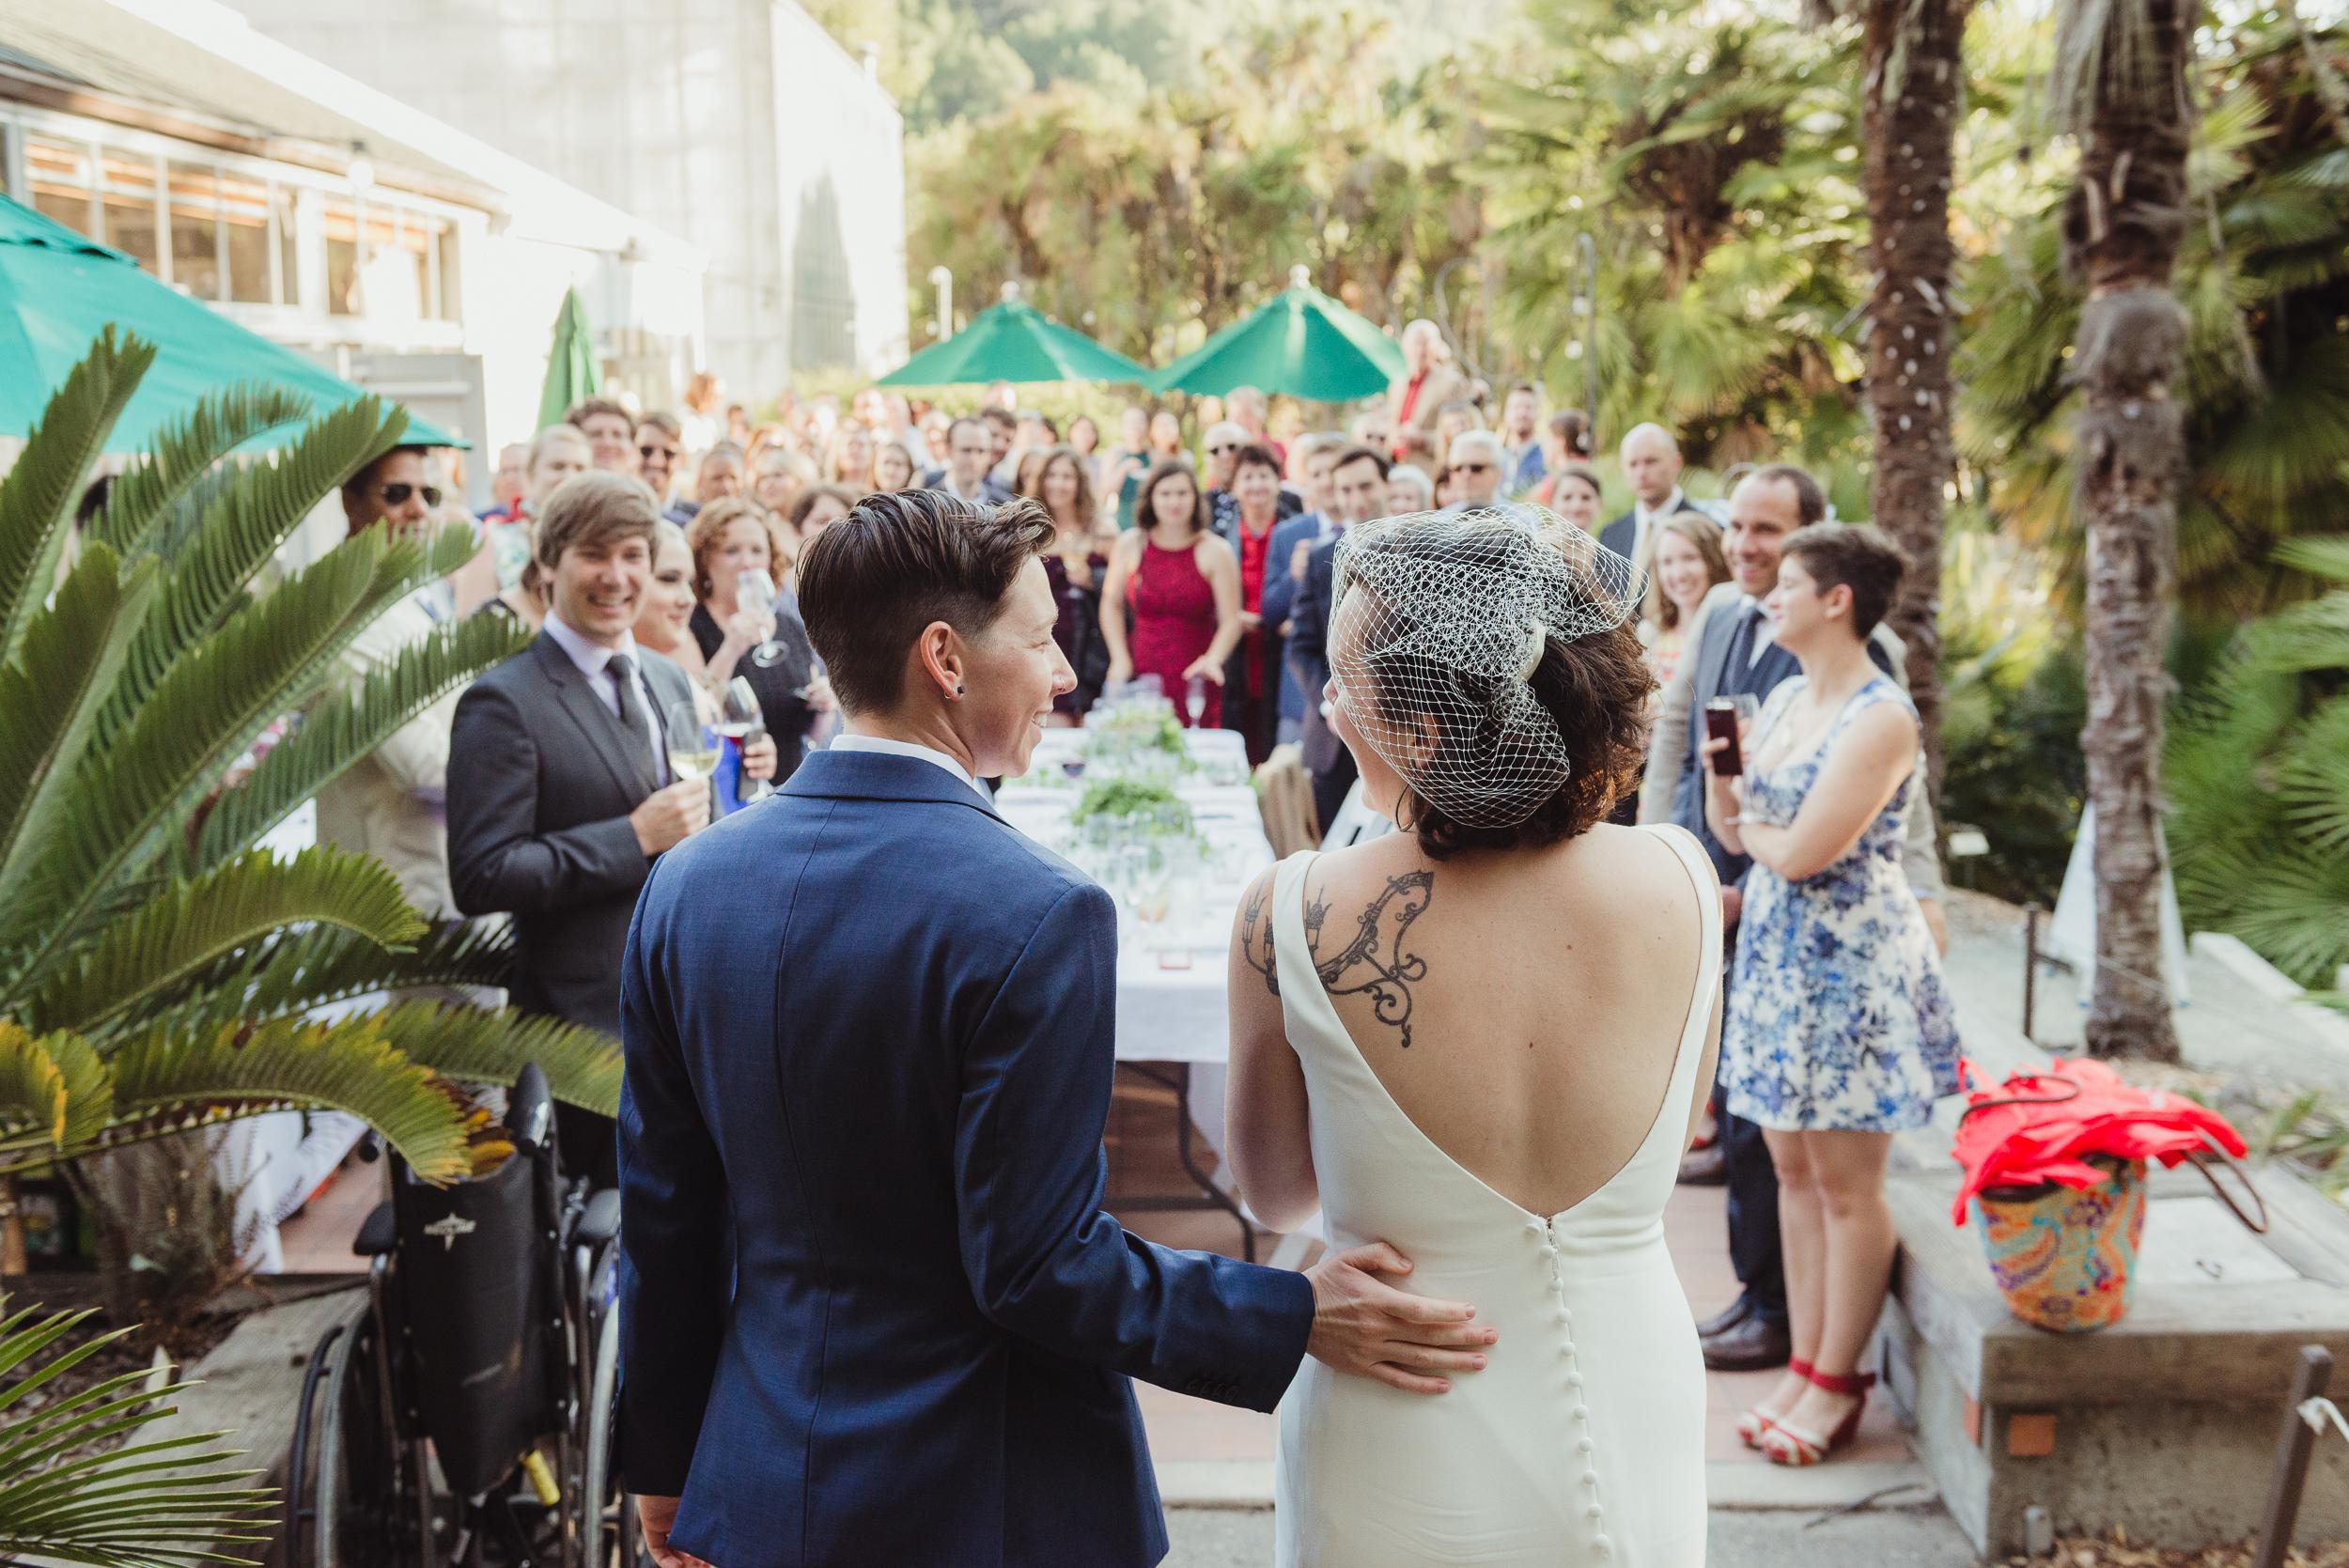 lgbtq-uc-berkeley-botanical-garden-wedding-vivianchen-064.jpg